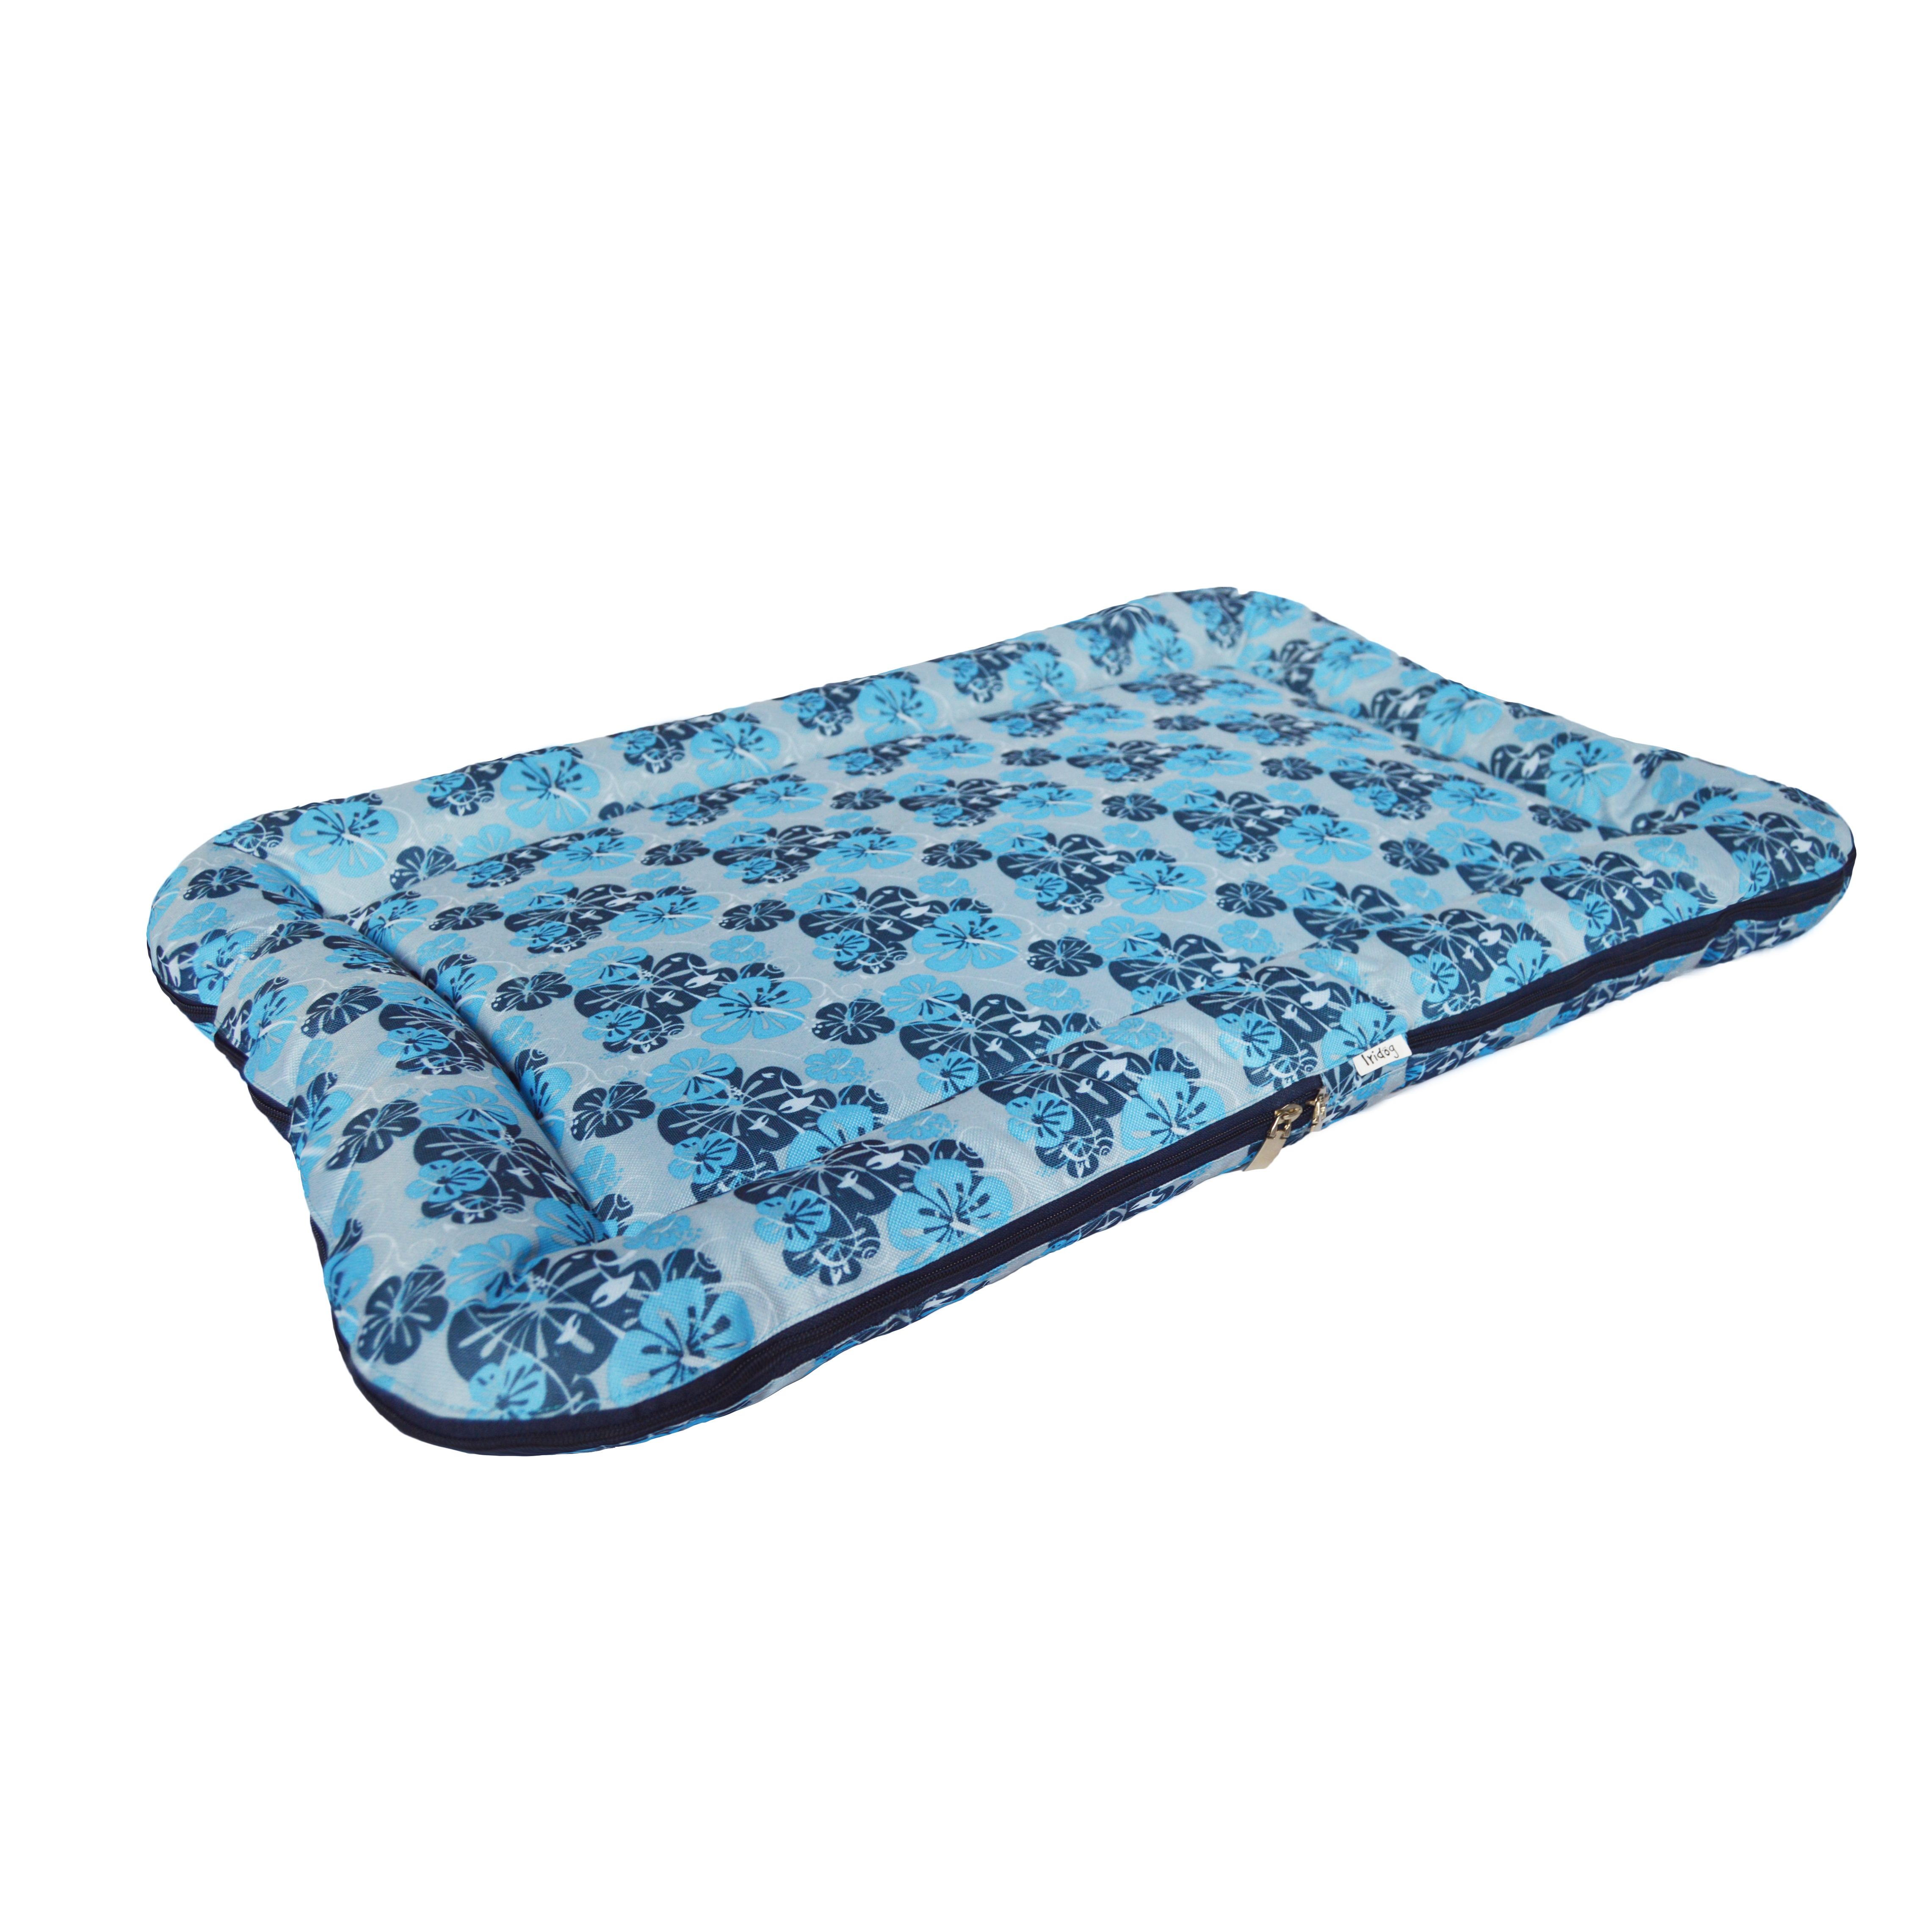 Matrace pro psy no. 45, modrá květinová, vel. 1